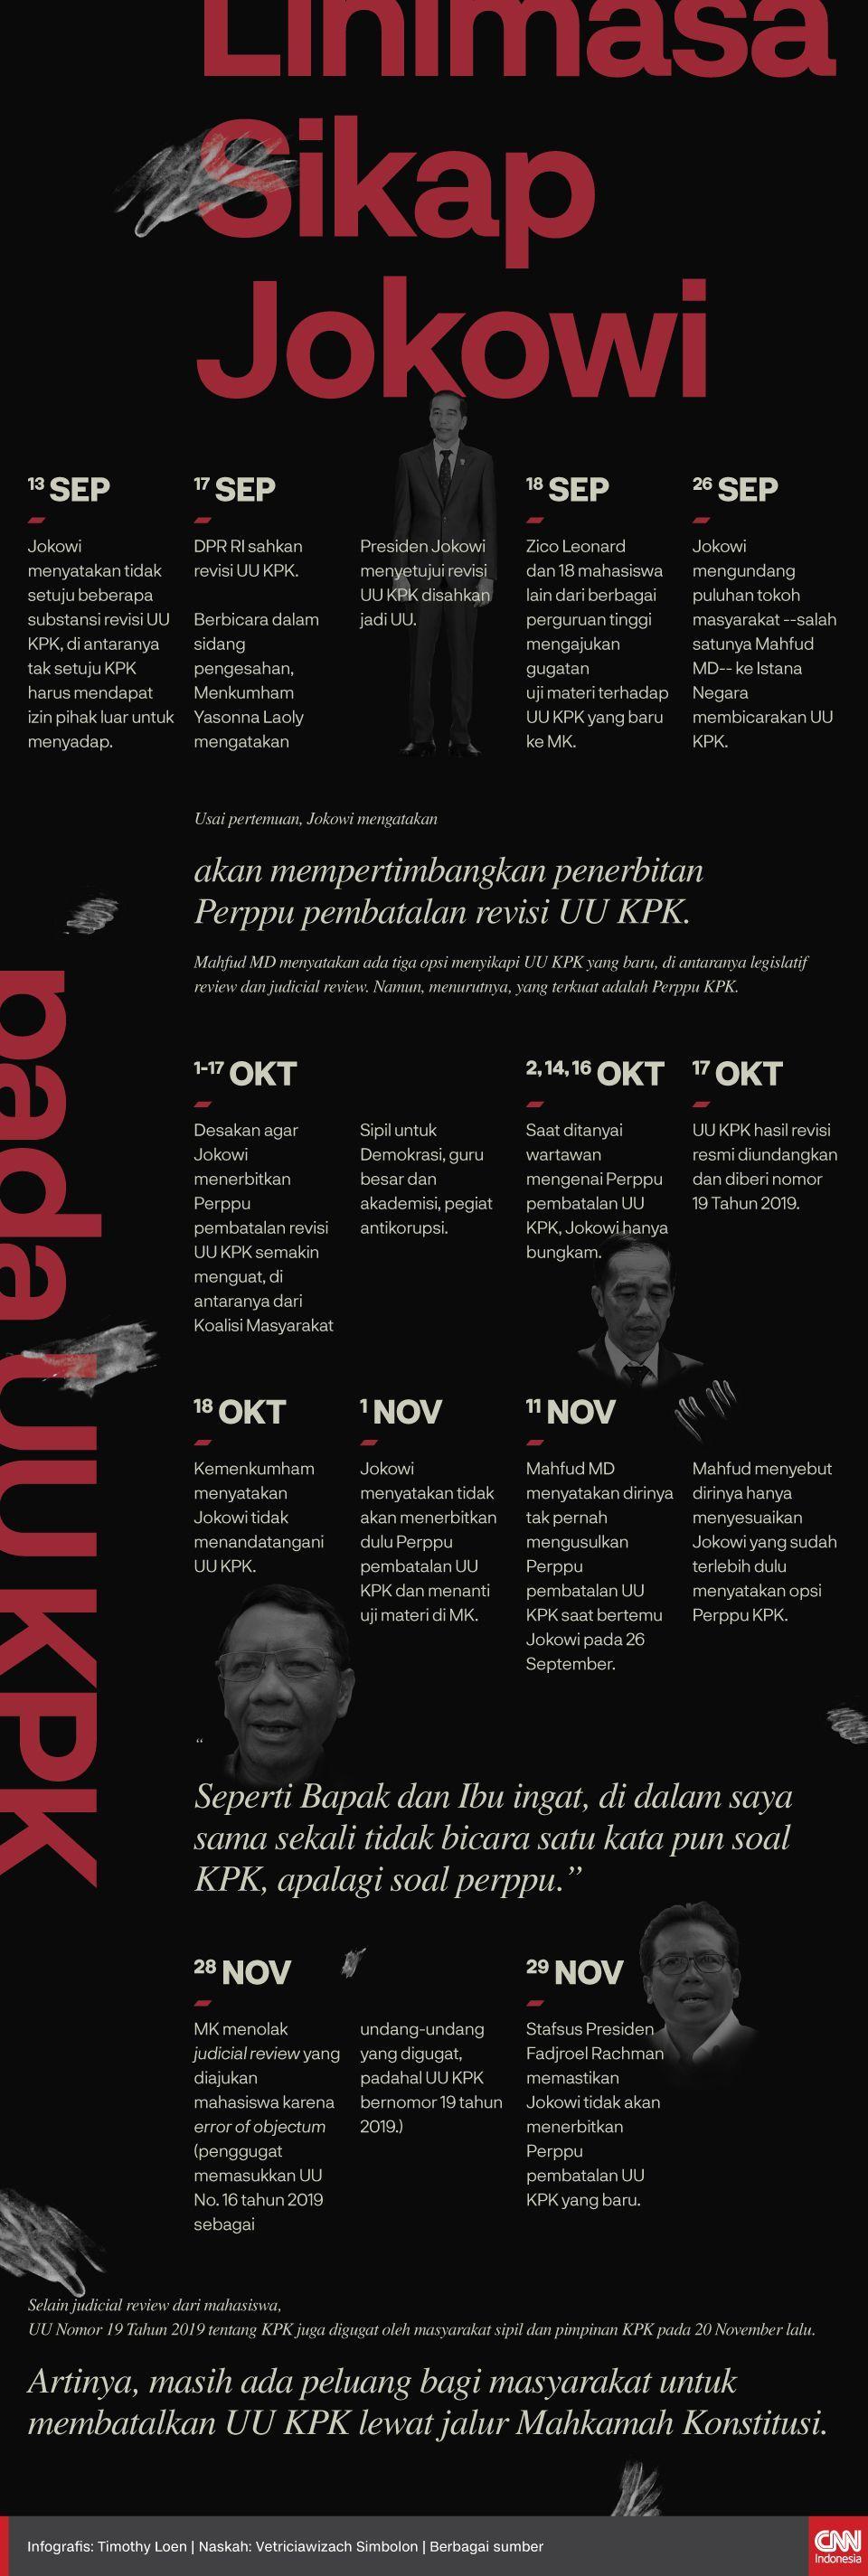 Infografis Linimasa Sikap Jokowi pada UU KPK